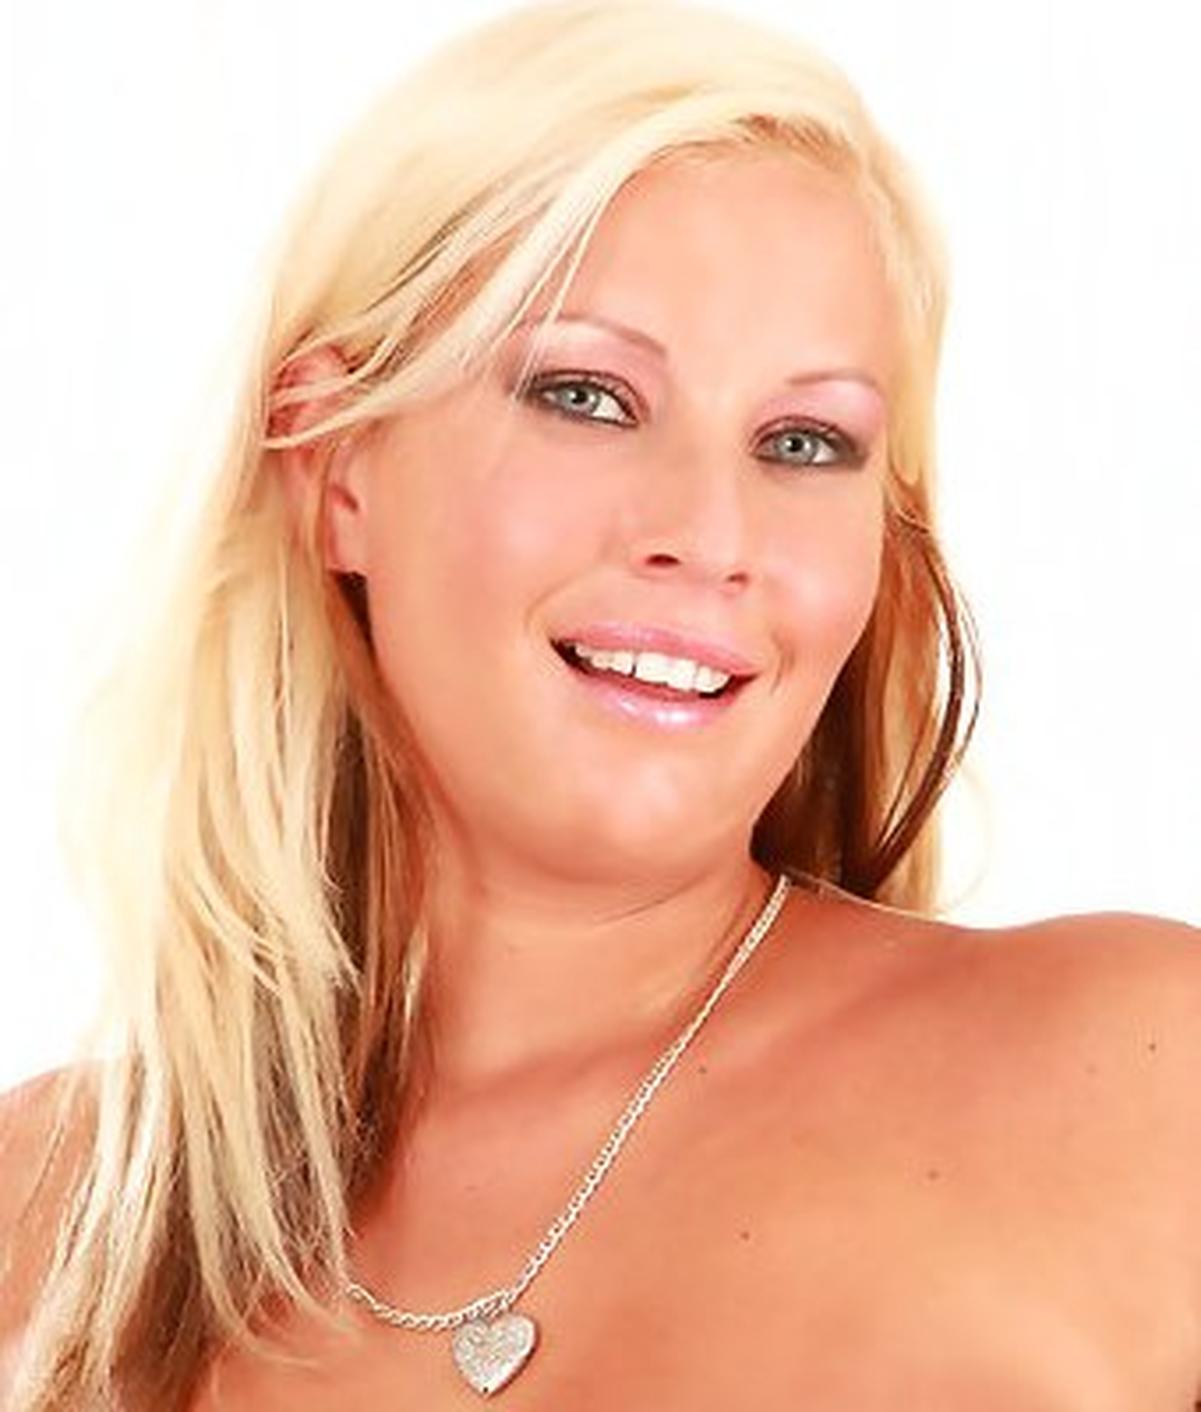 Nataly Gold Nude Photos 37